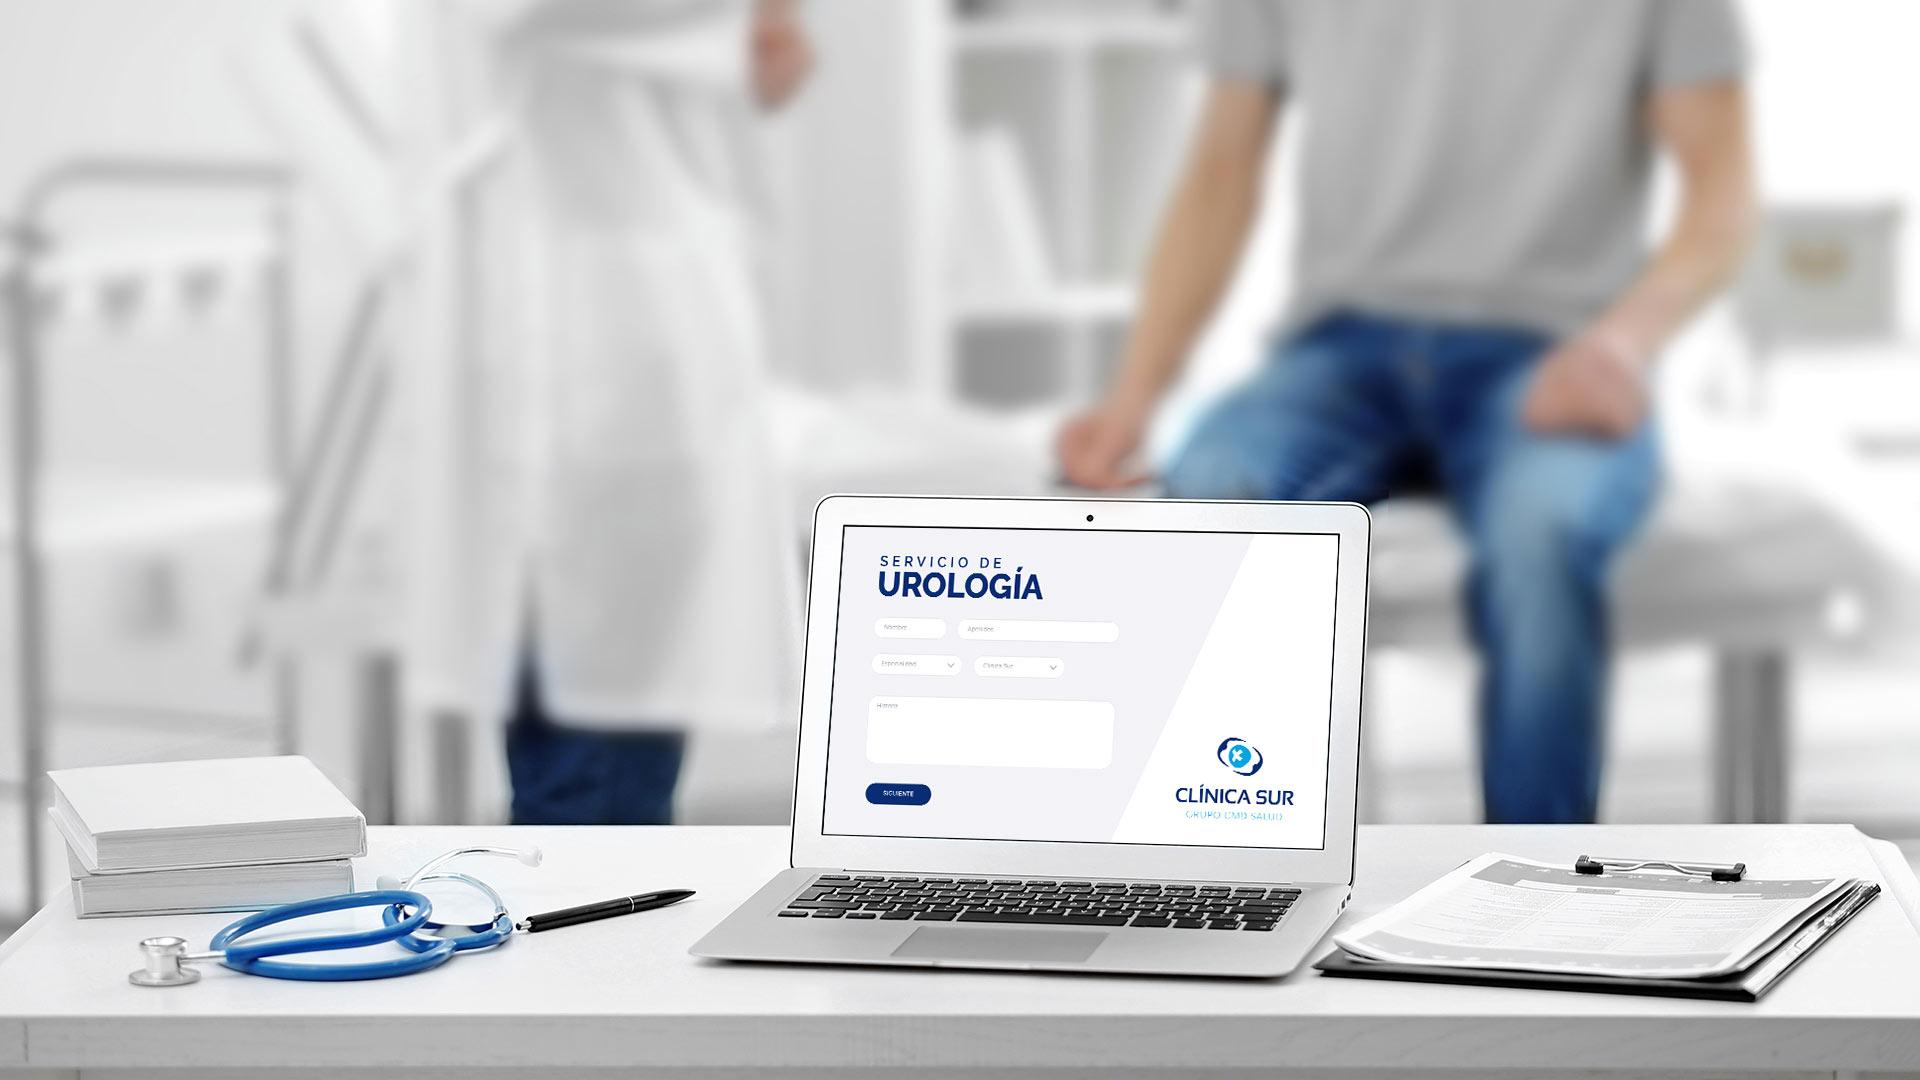 Servicio de urología slide